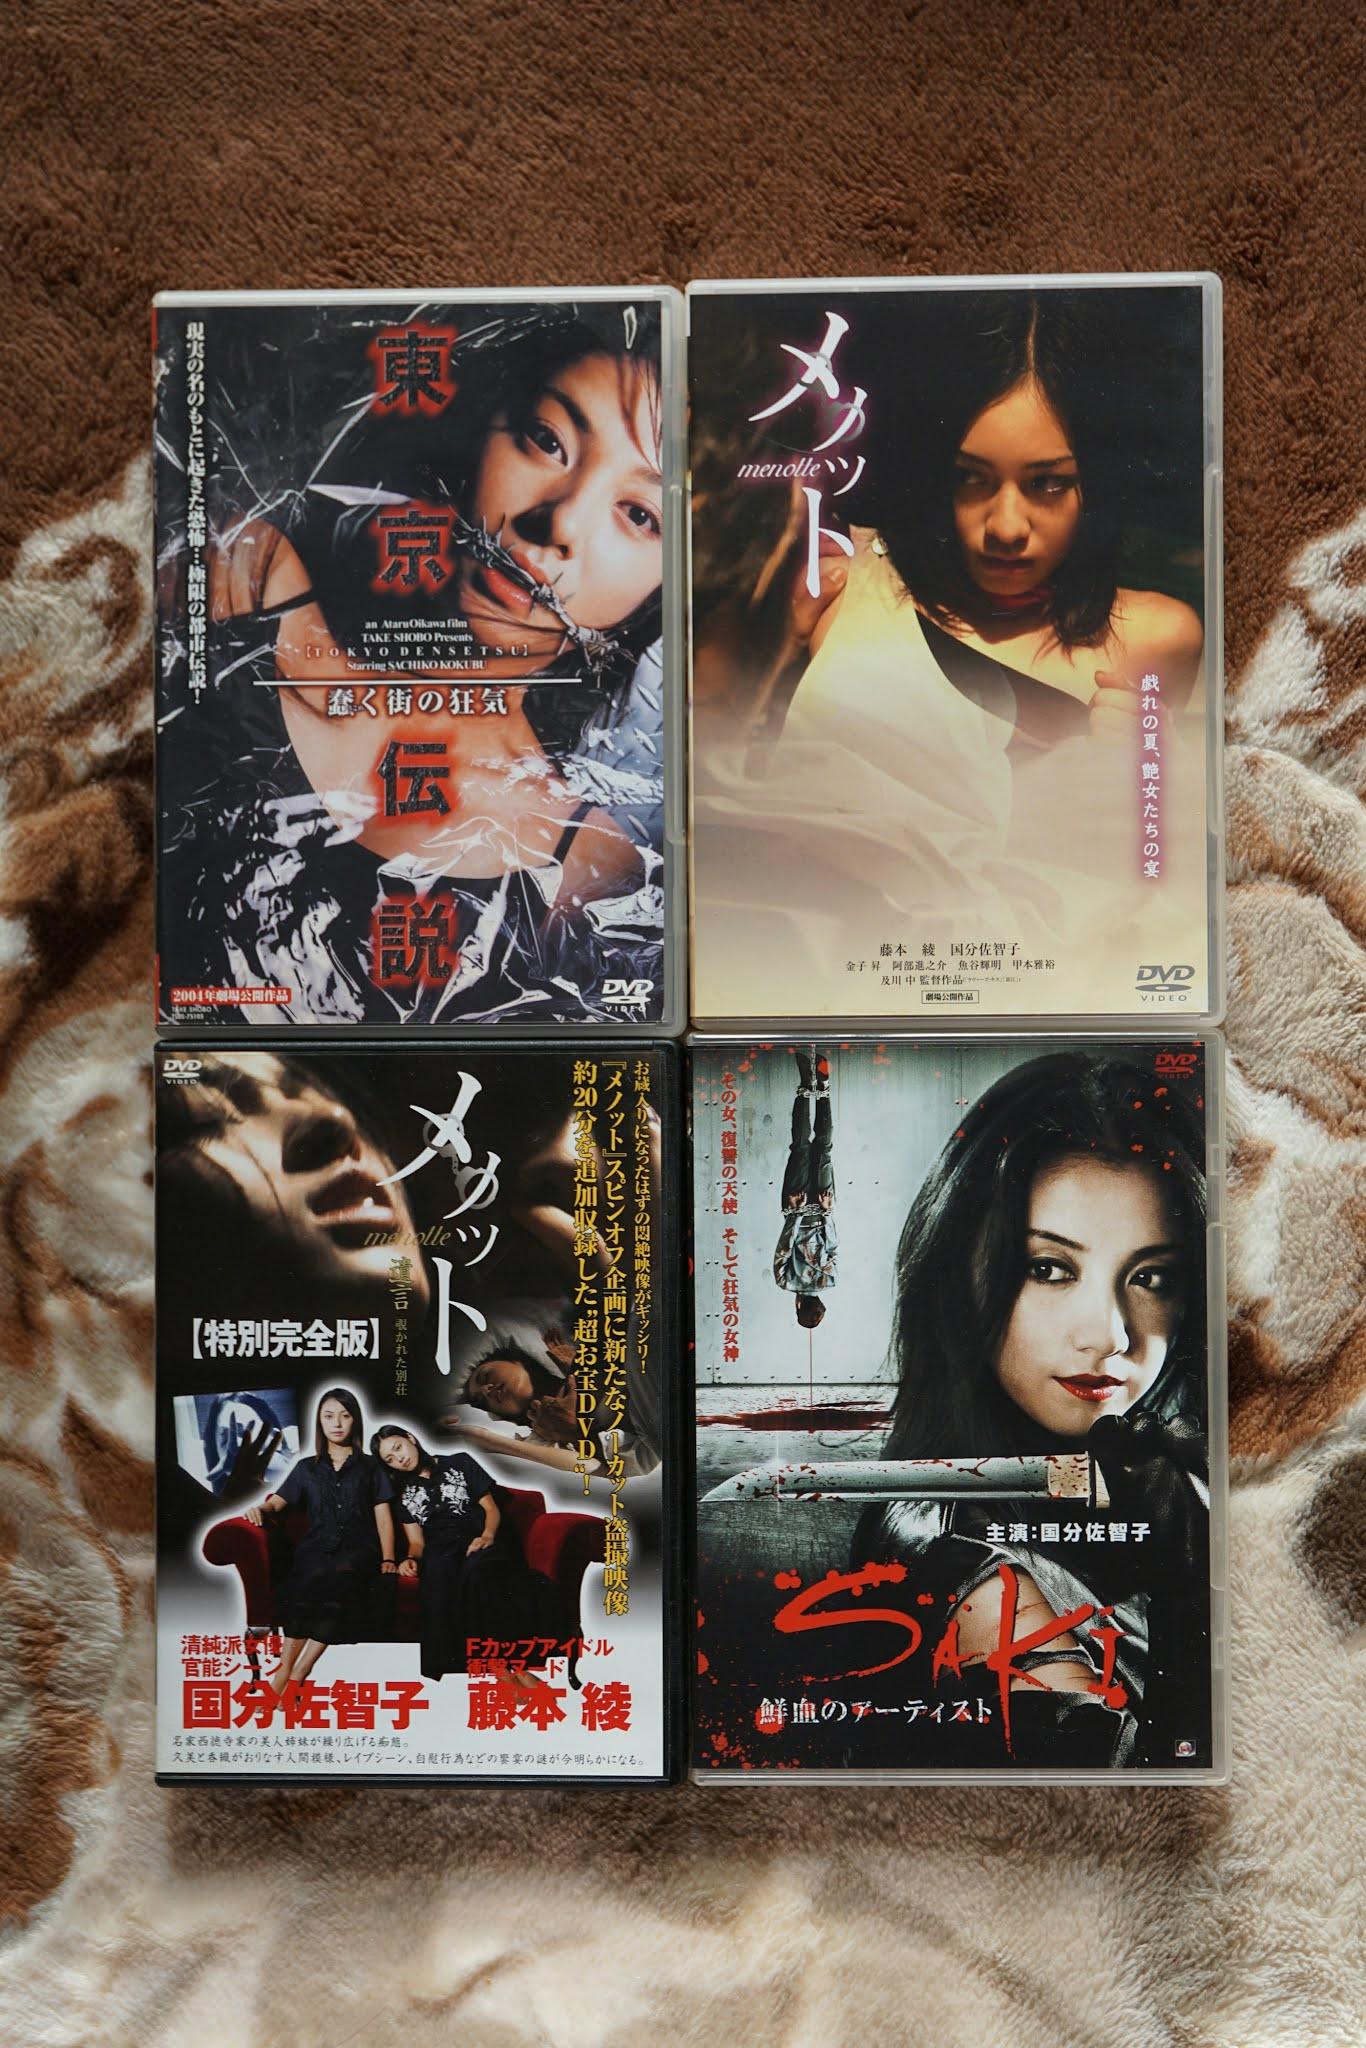 国分佐智子の四枚の映画のDVD